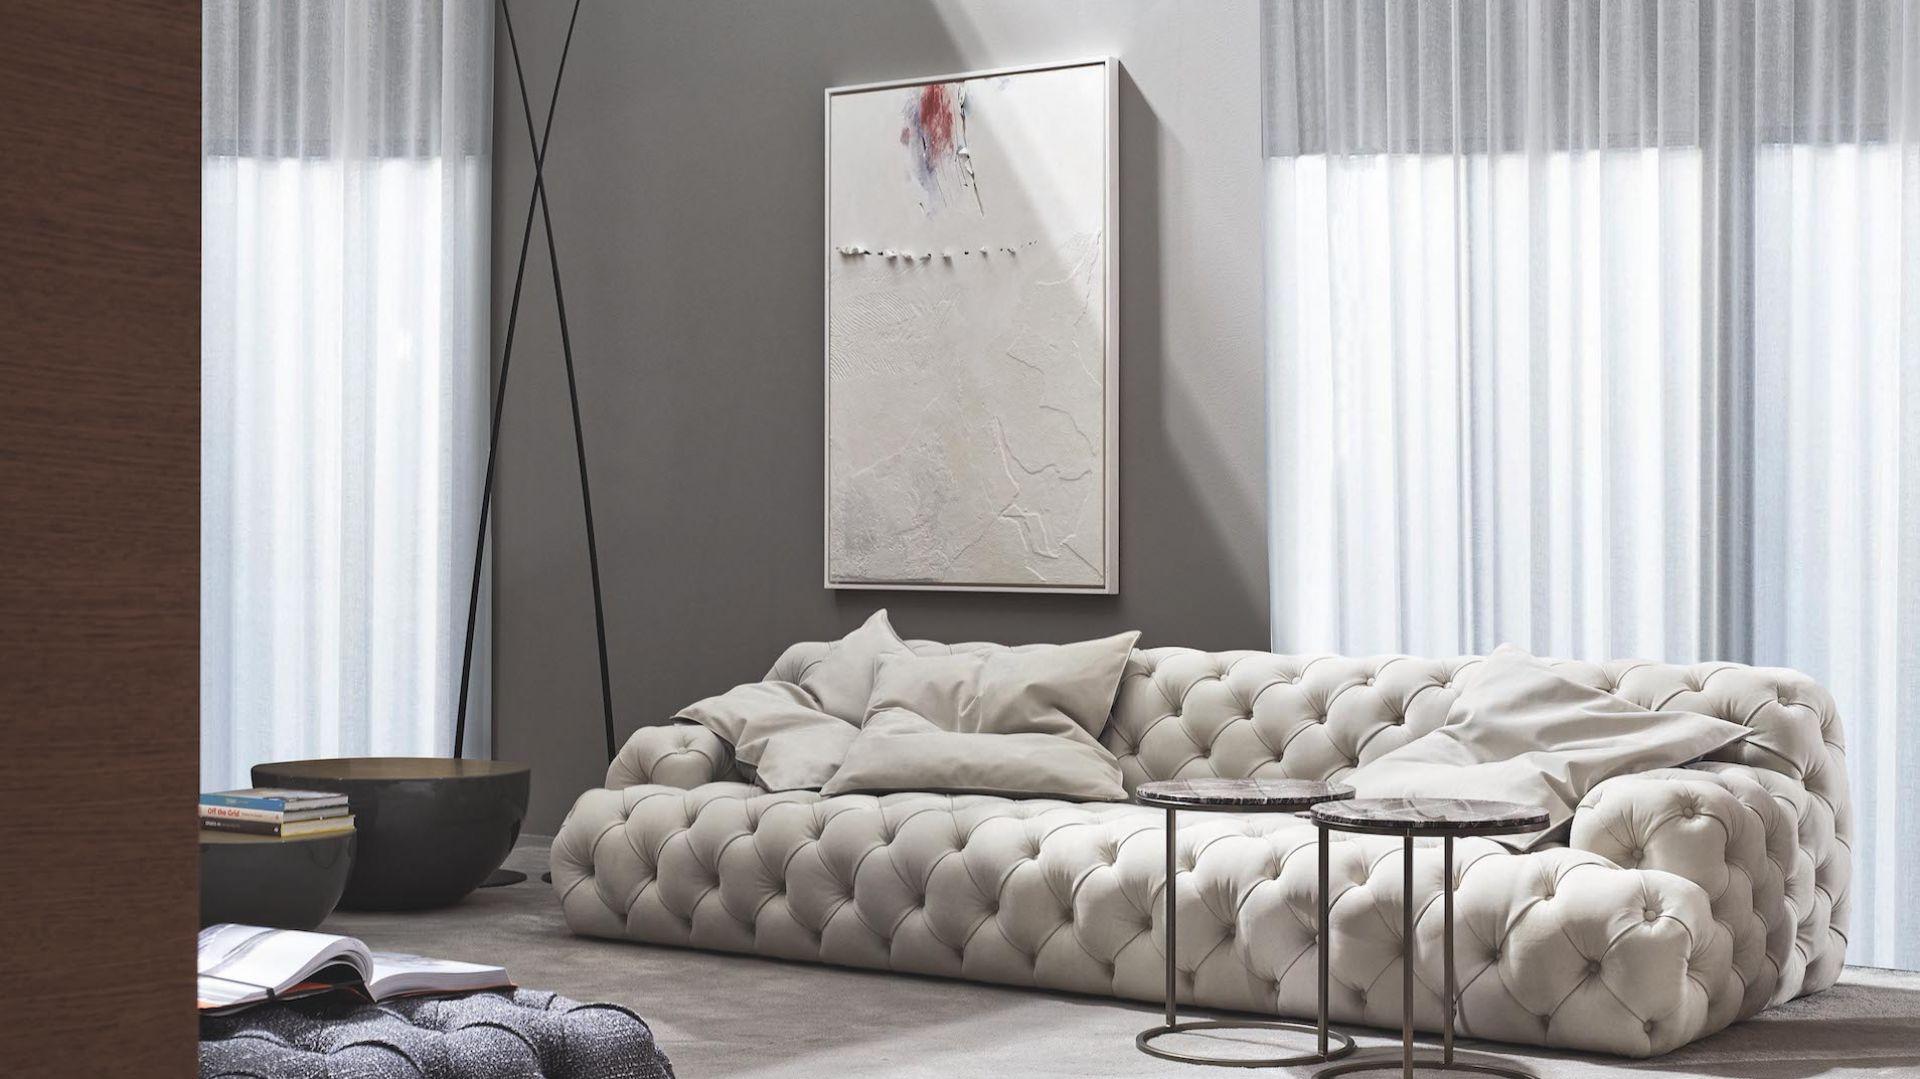 Sofa Norton w nowej wersji, z pikowaniem capitonné przełamującym jej prostą formę. Fot. Meridiani / Mood-Design